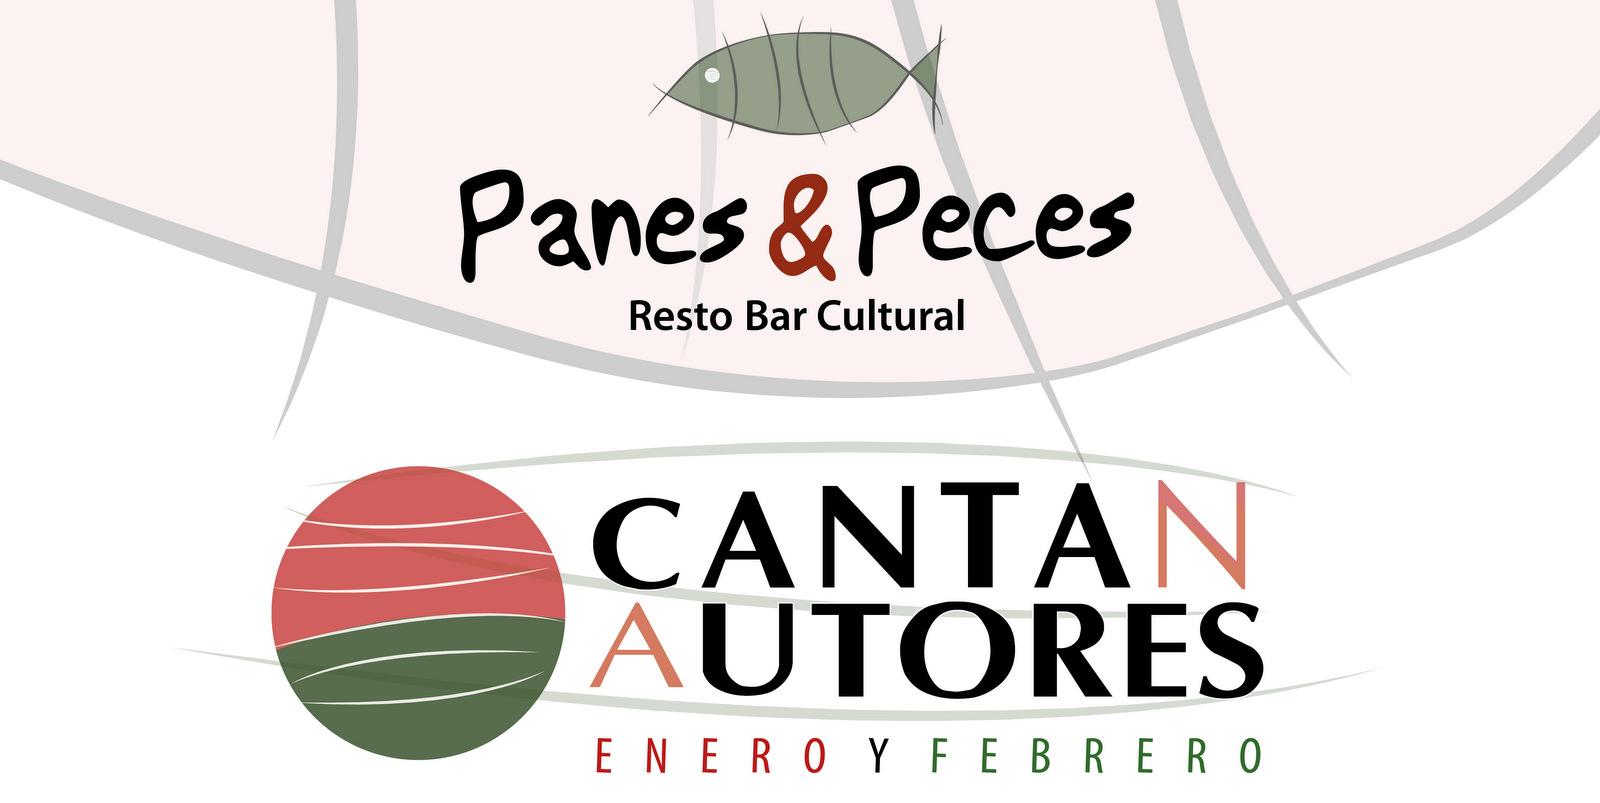 Ciclo Cantan Autores en Panes & Peces!